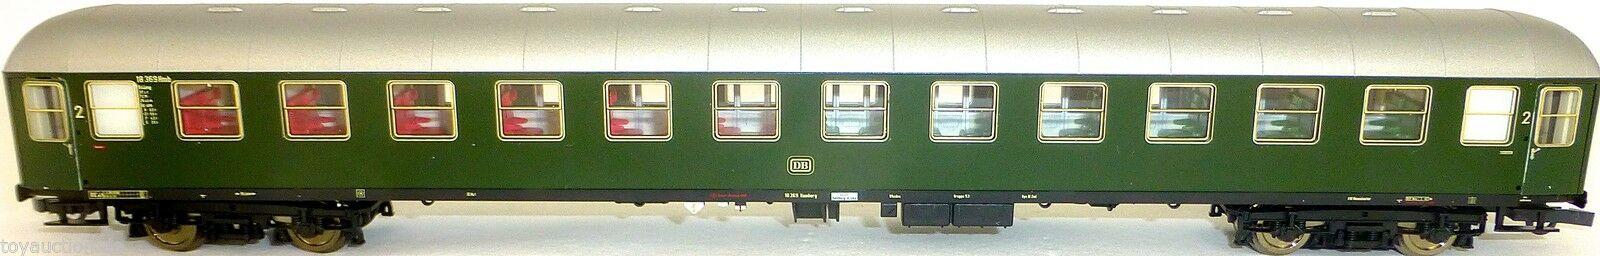 Schnellzugwagen B4üm 54 Türen öffnen DB Ep3 für AC Roco 45869 H0 1:87 LD1µ